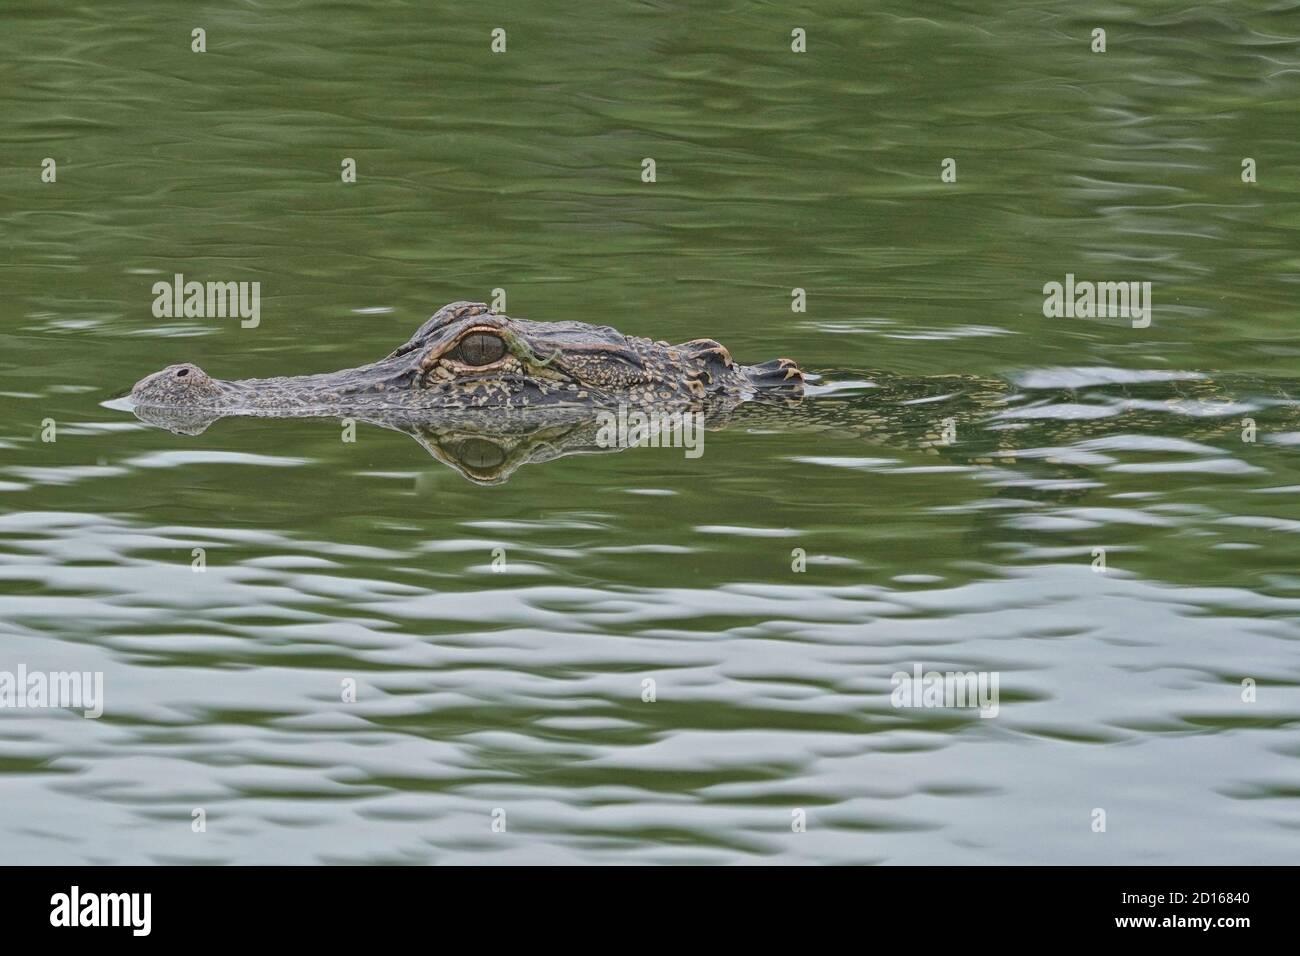 Cocodrilo americano, Alligator misssippiensis, nadando en una zona residencial. Foto de stock